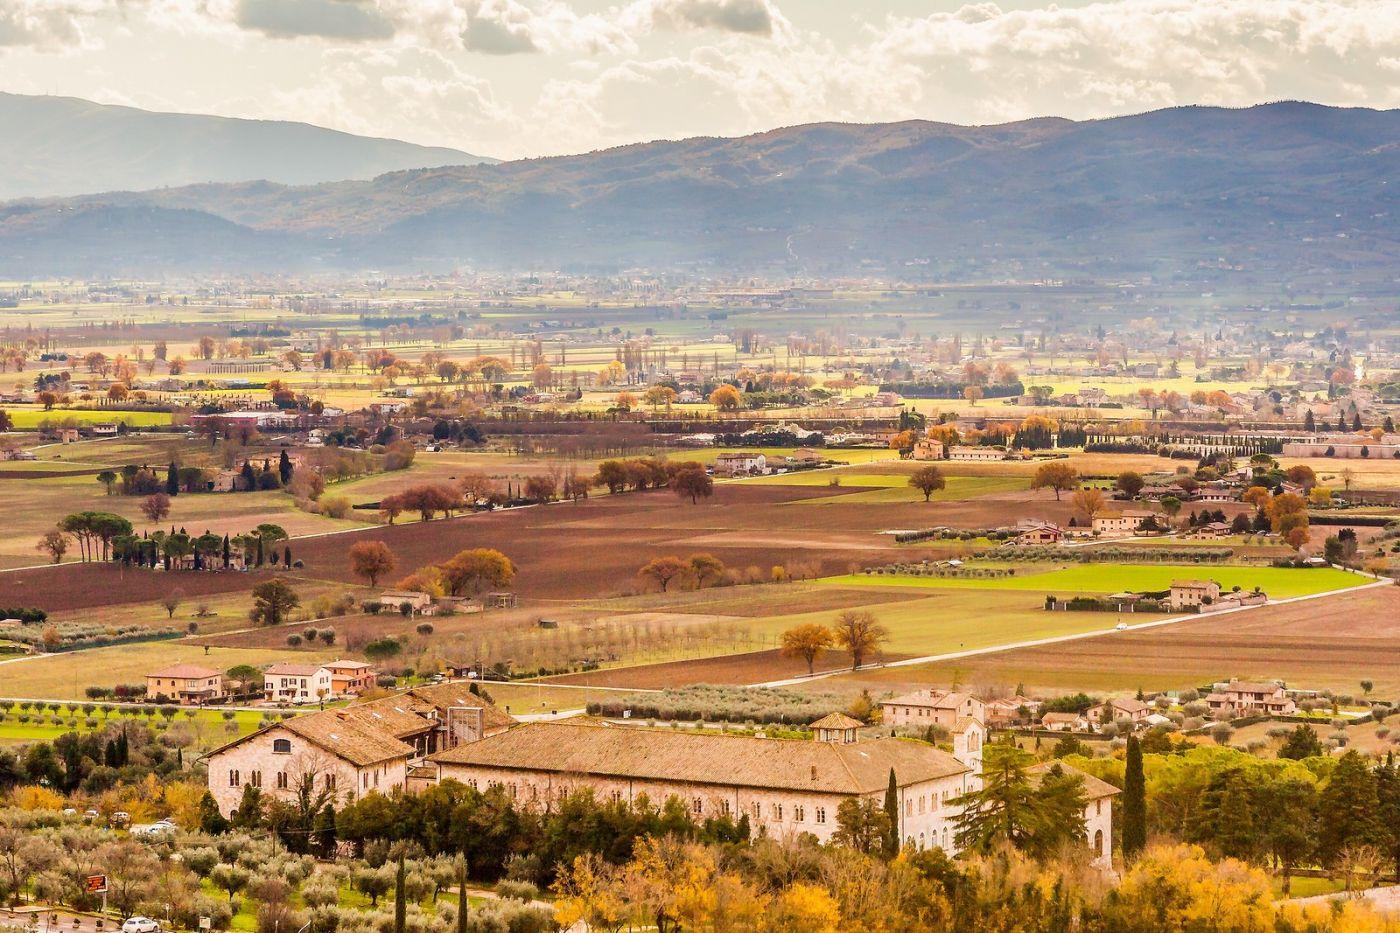 意大利阿西西(Assisi), 登高放眼_图1-25